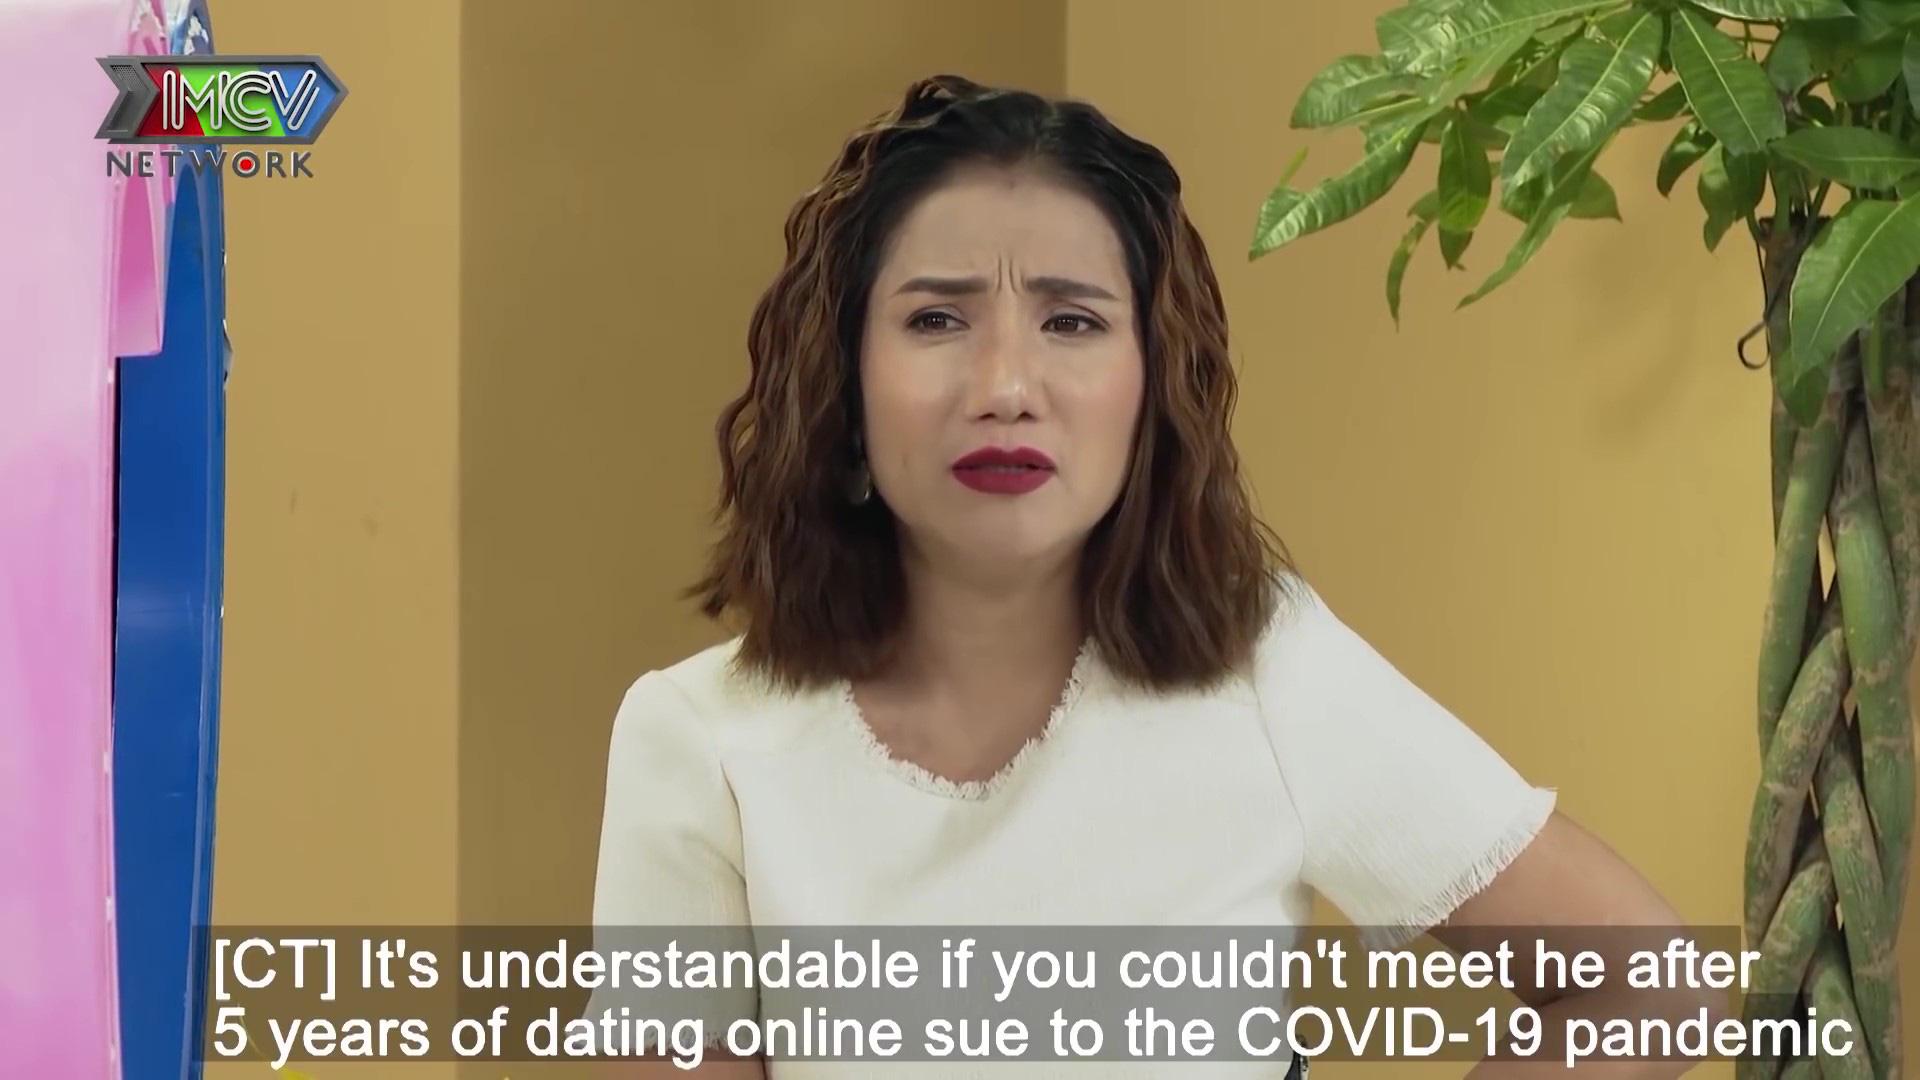 """5 năm hẹn hò online, không gặp mặt dù cùng thành phố, MC Cát Tường """"khóc nghẹn"""" - Ảnh 4."""